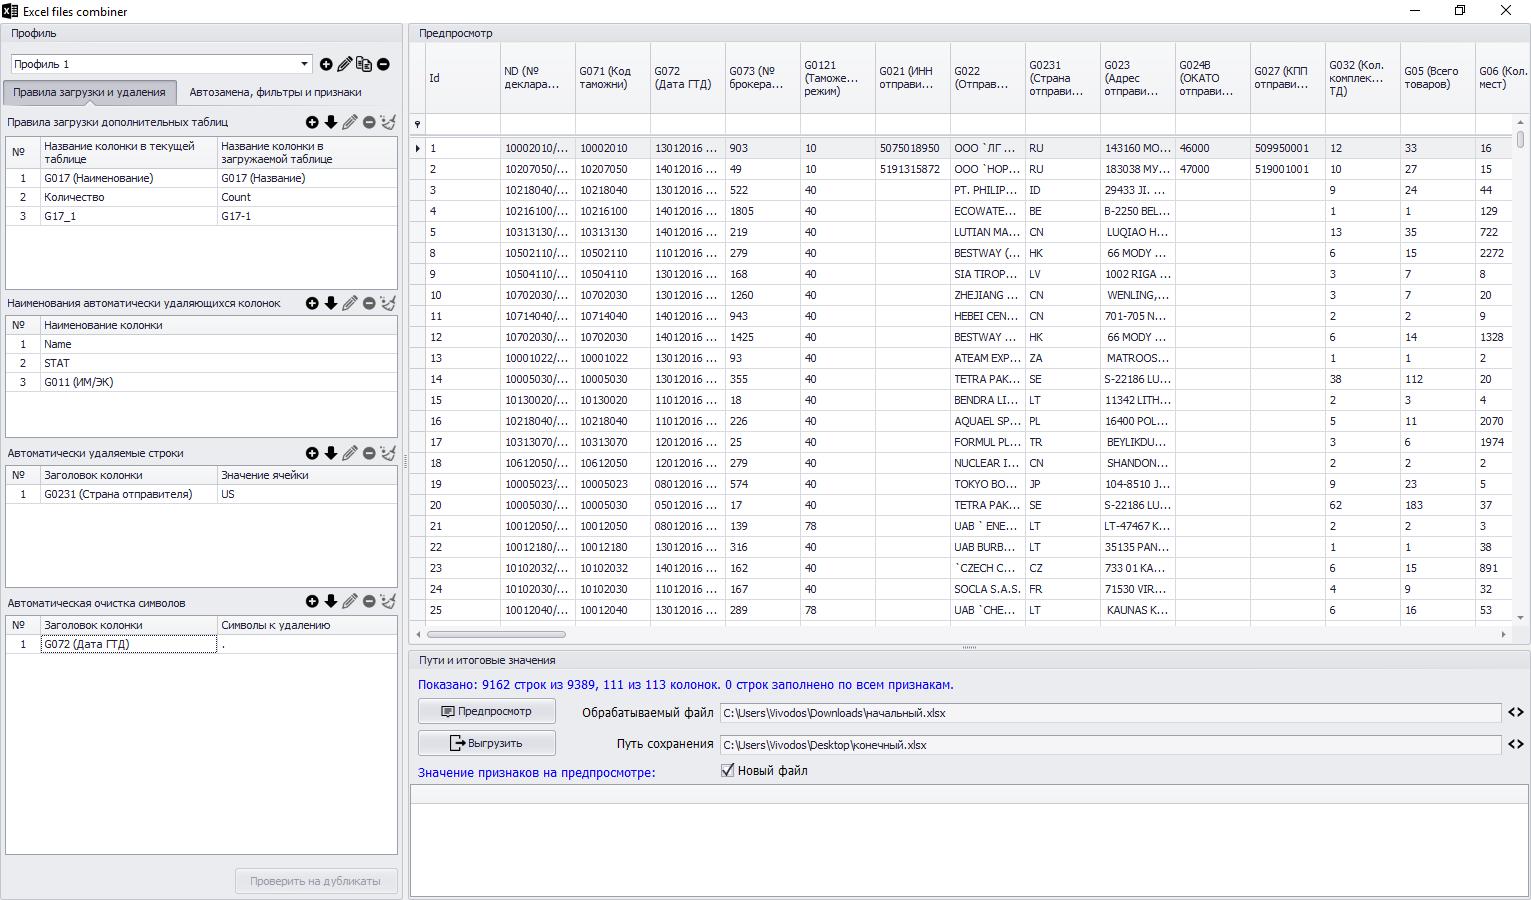 Утилита для эффективной обработки Excel файлов ExcelFilesCombiner